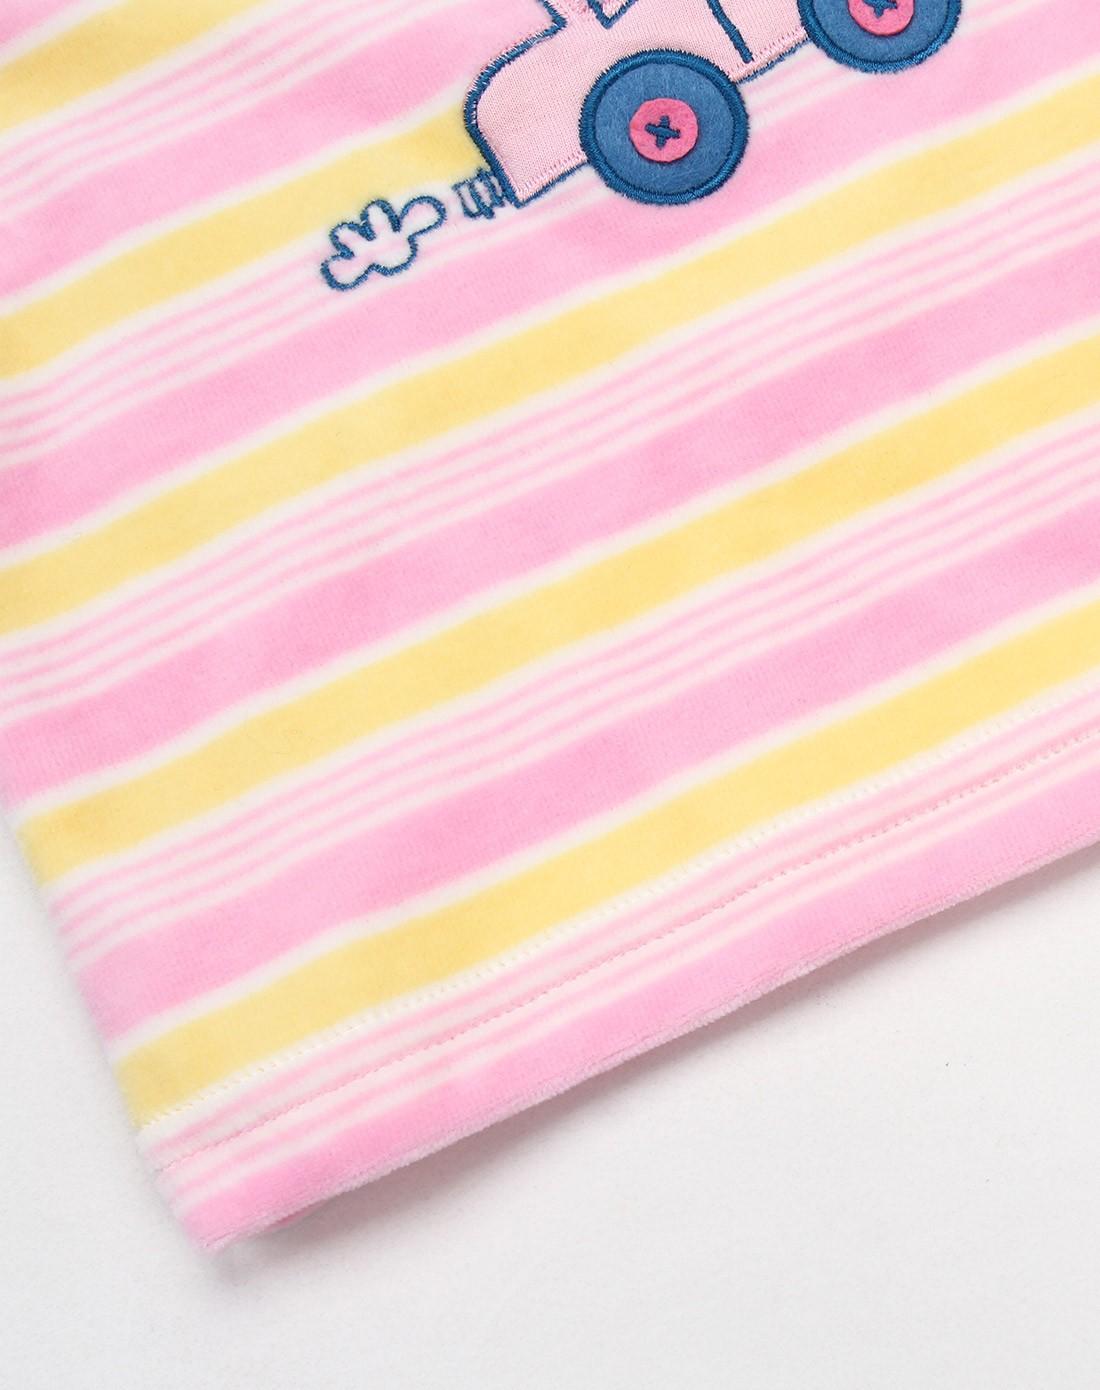 中性浅粉色卡通可爱t恤